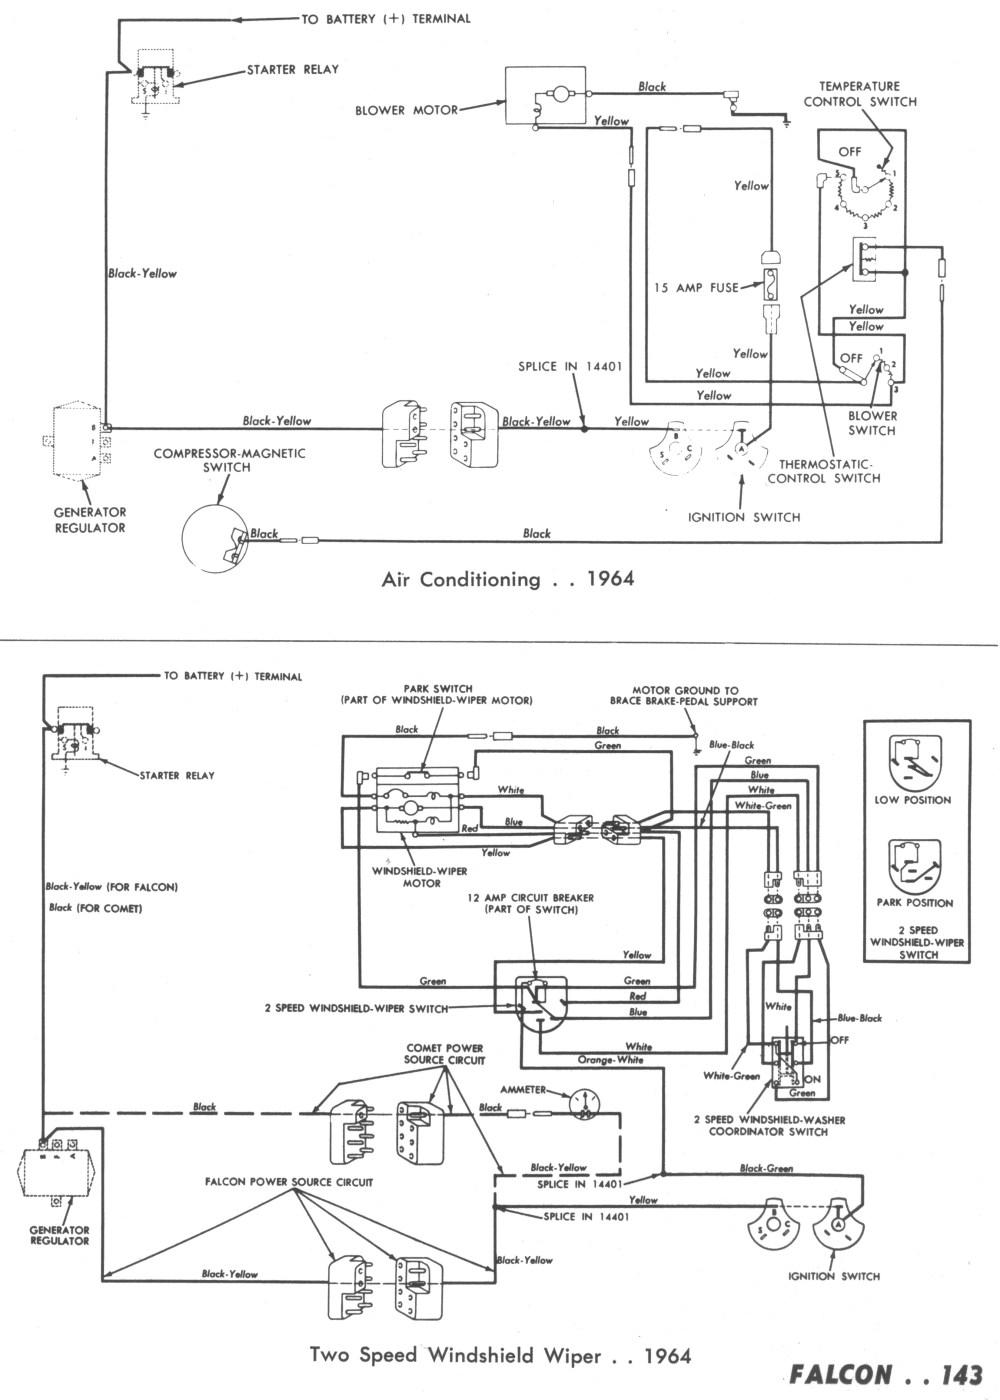 medium resolution of print version 1 1mb jpg